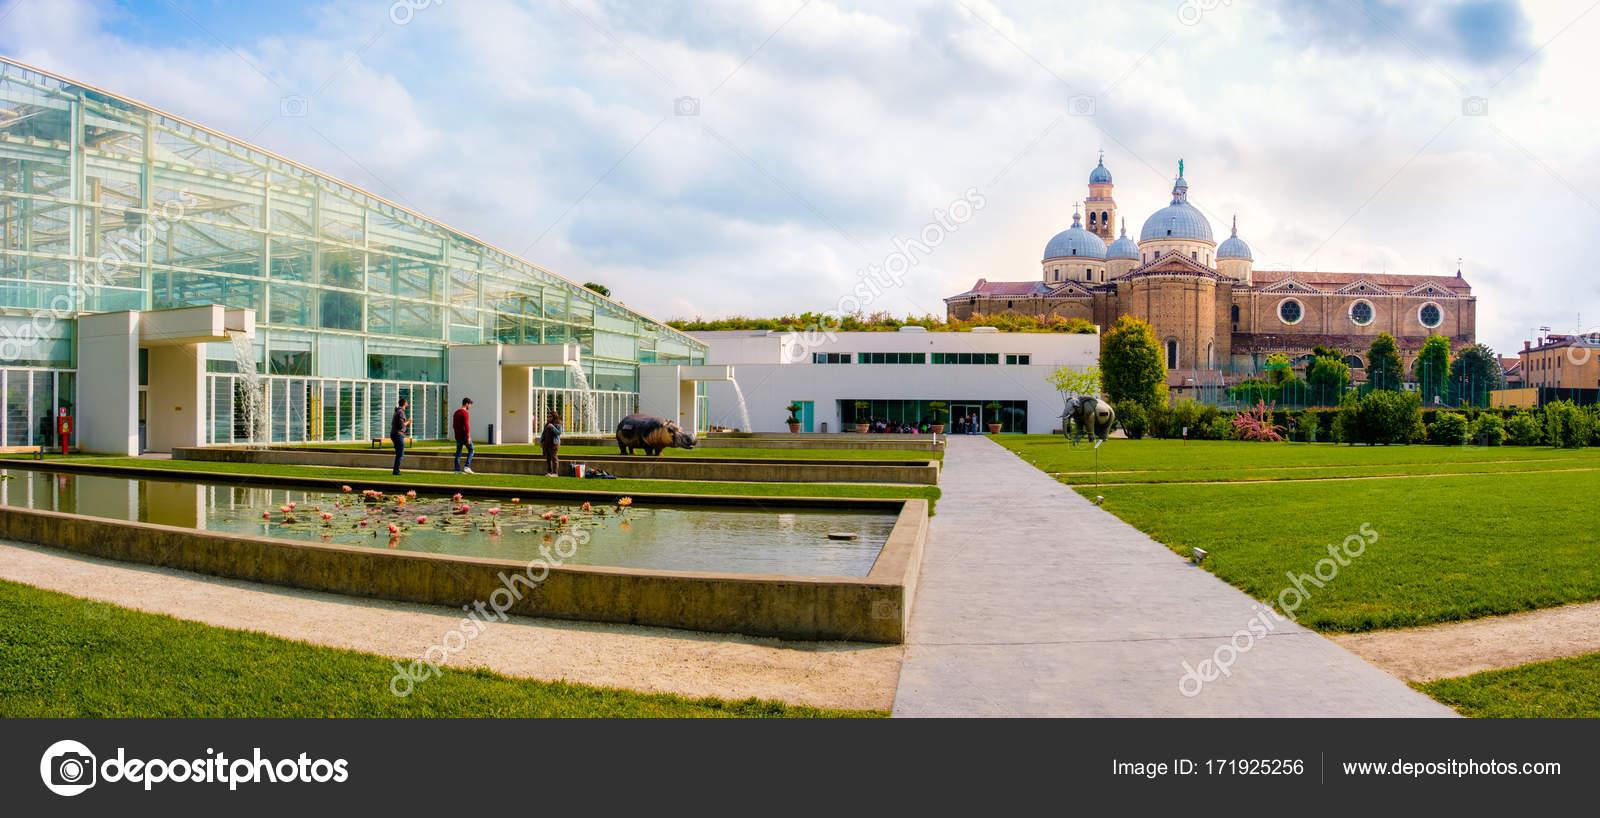 Orto botanico ди Падова Ботанический сад Падуя наследия ЮНЕСКО